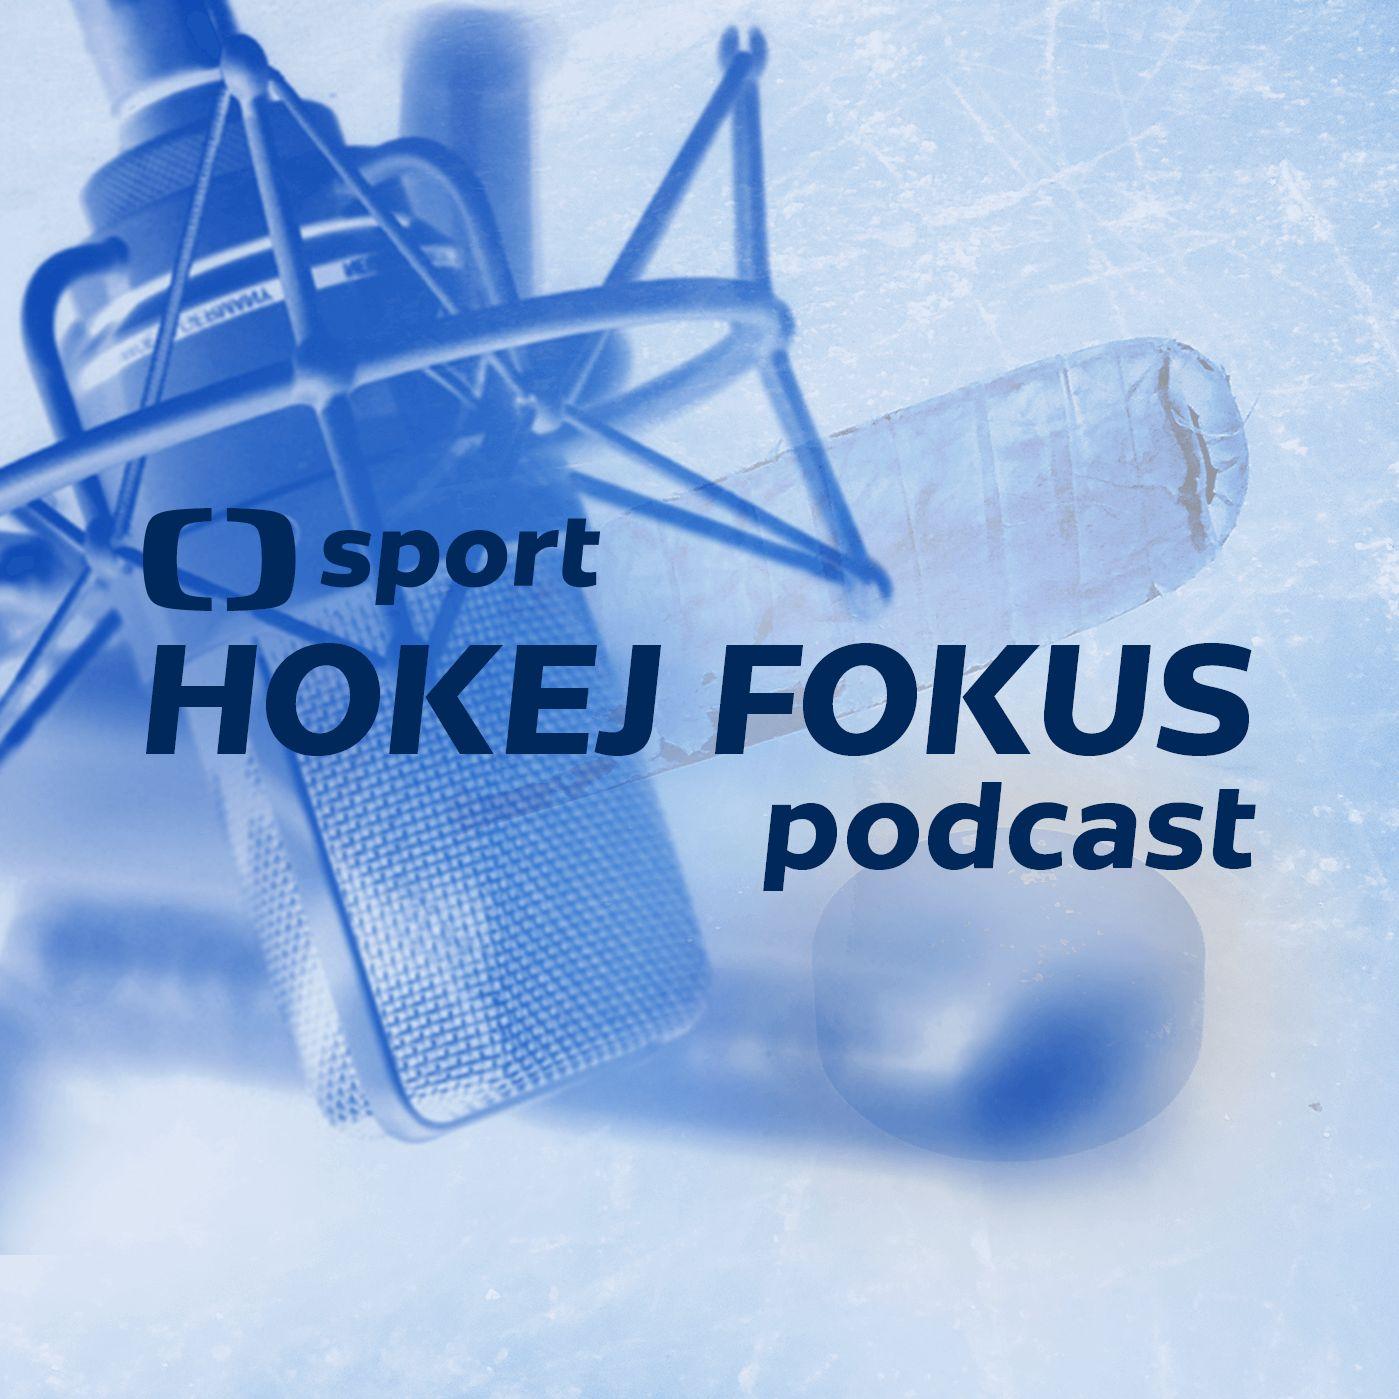 Hokej fokus podcast: Jaký bude 25. ročník samostatné české extraligy?